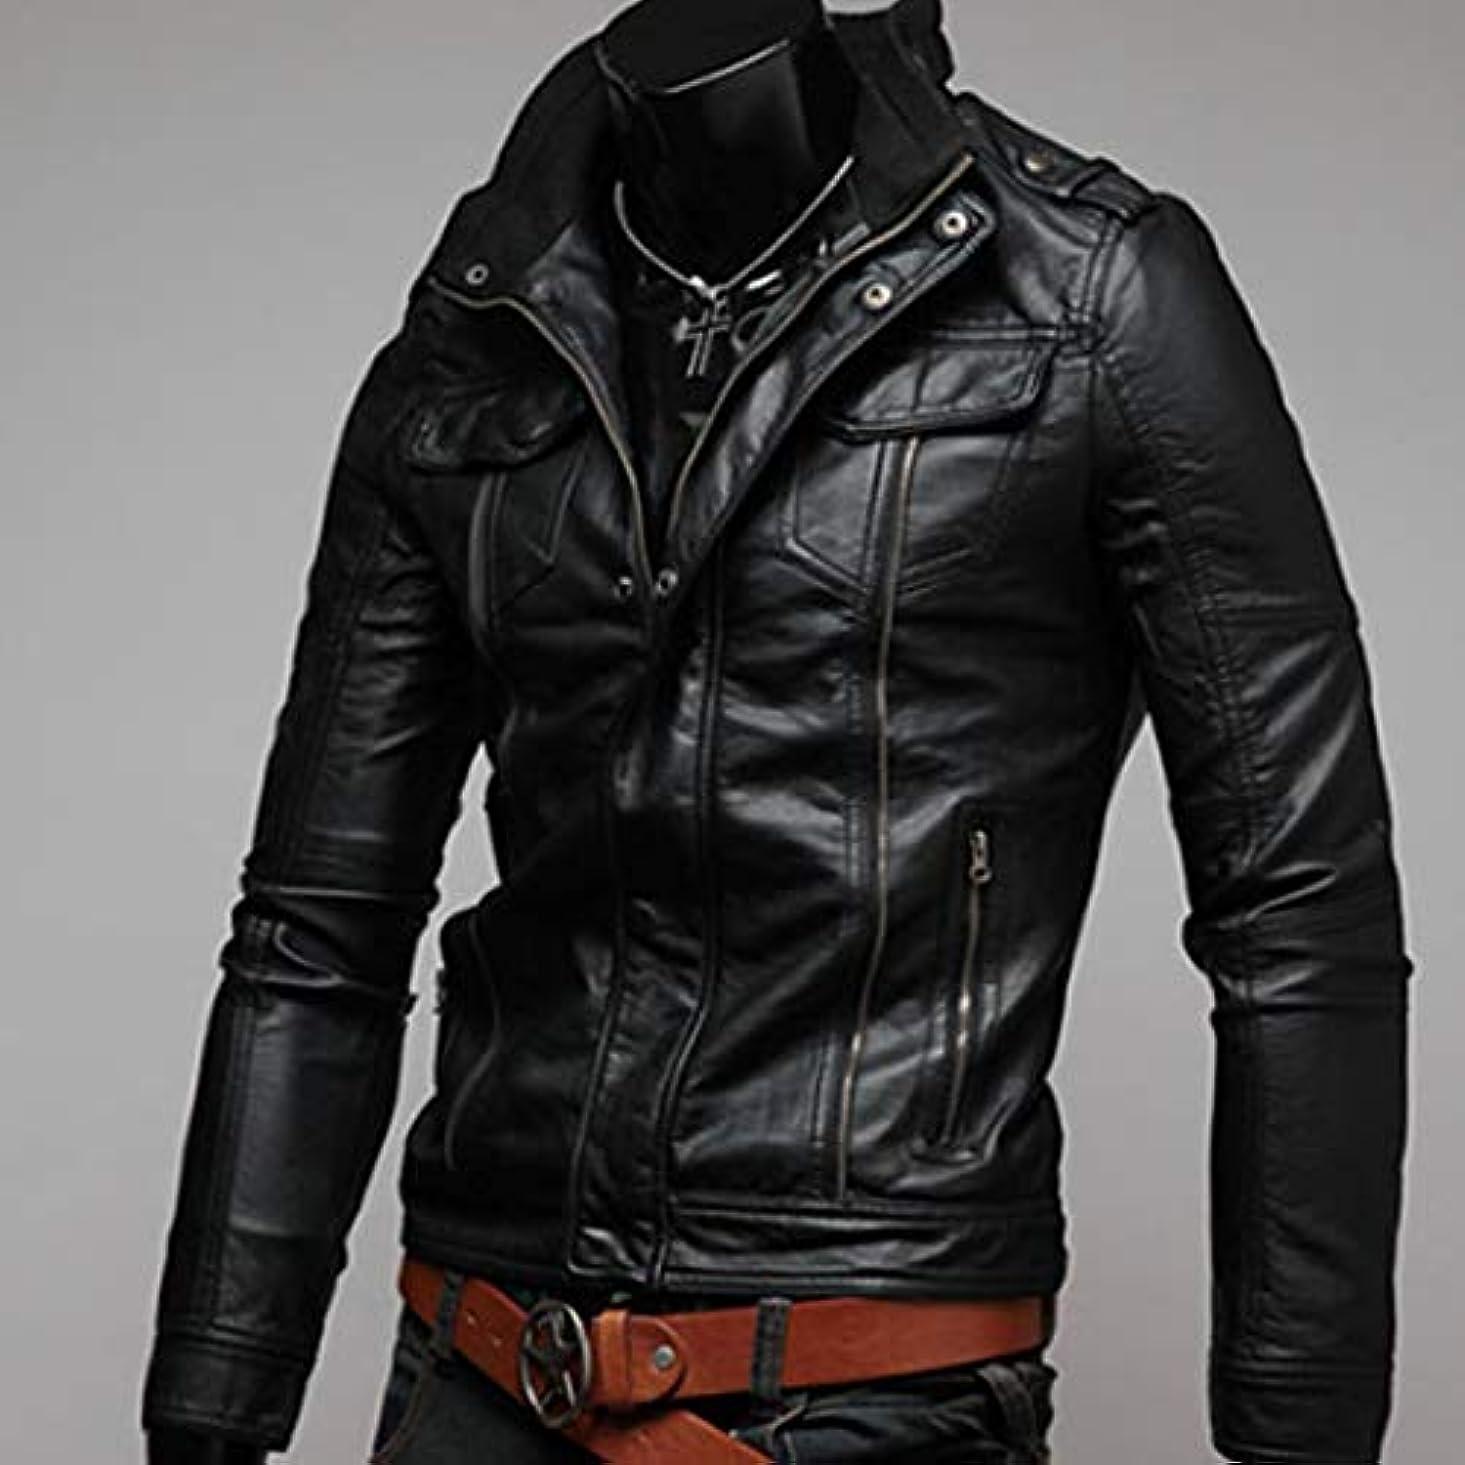 み磁器インカ帝国ファッションクールオートバイレザージャケットコートトレンディなデザイン男性コートユニセックス生き抜く快適な男性服-ブラックL